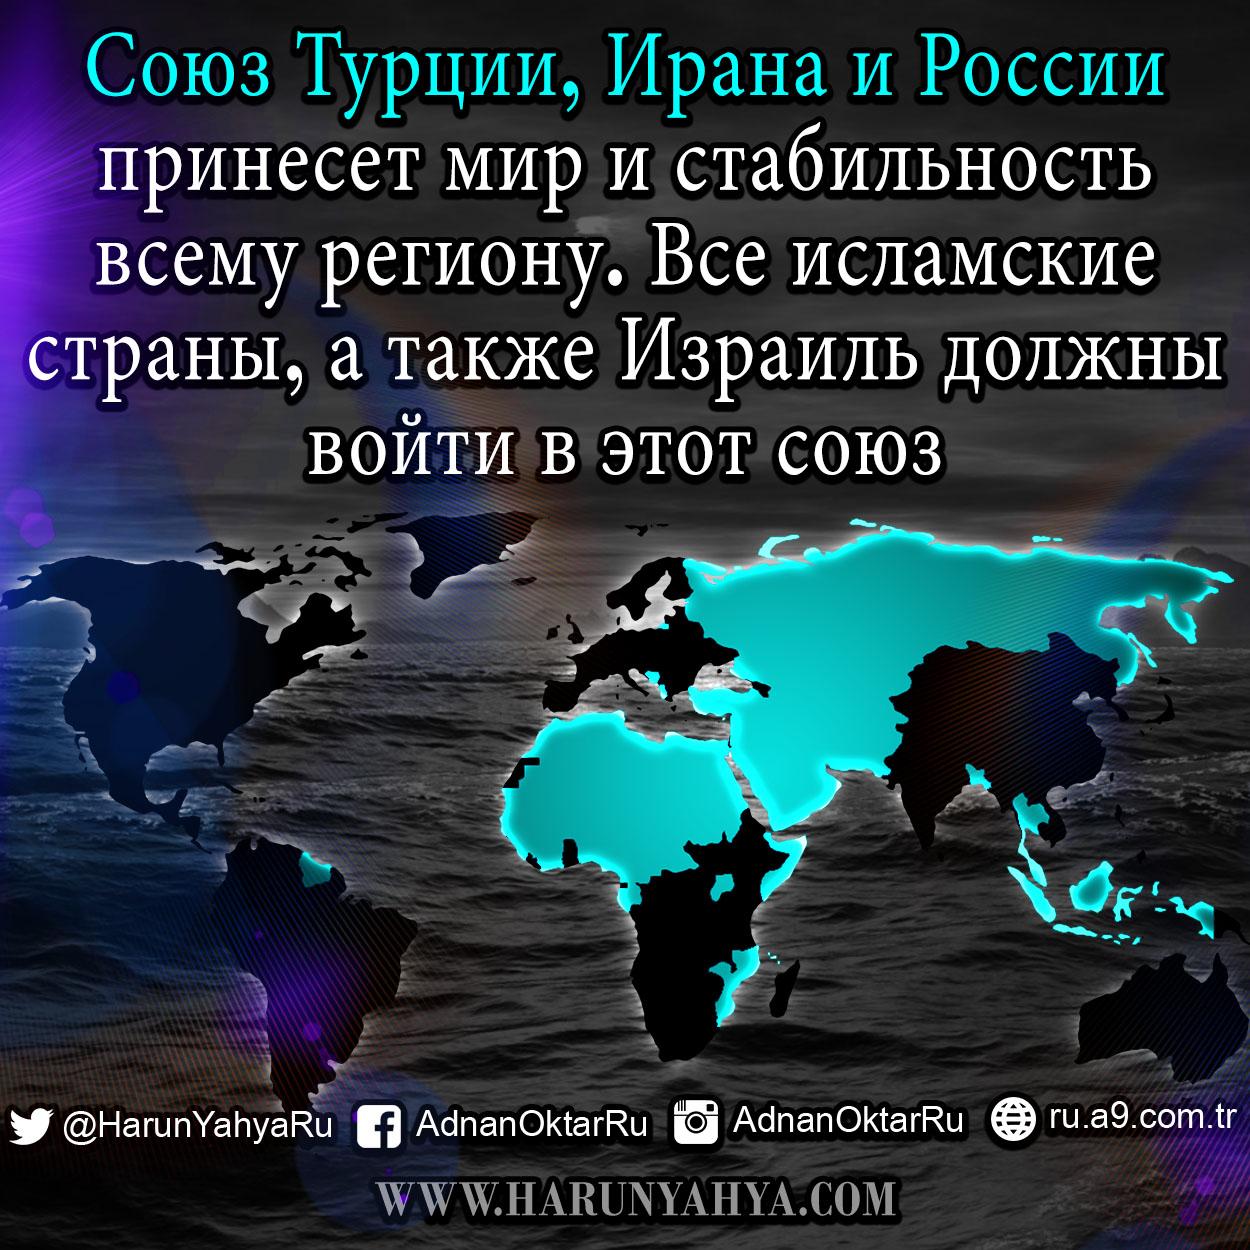 """<table style=""""width: 100%;""""><tr><td style=""""vertical-align: middle;"""">Союз Турции, Ирана и России принесет мир и стабильность всему региону. Все исламские страны, а также Израиль должны войти в этот союз</td><td style=""""max-width: 70px;vertical-align: middle;""""> <a href=""""/downloadquote.php?filename=1487842375391.jpg""""><img class=""""hoversaturate"""" height=""""20px"""" src=""""/assets/images/download-iconu.png"""" style=""""width: 48px; height: 48px;"""" title=""""Download Image""""/></a></td></tr></table>"""